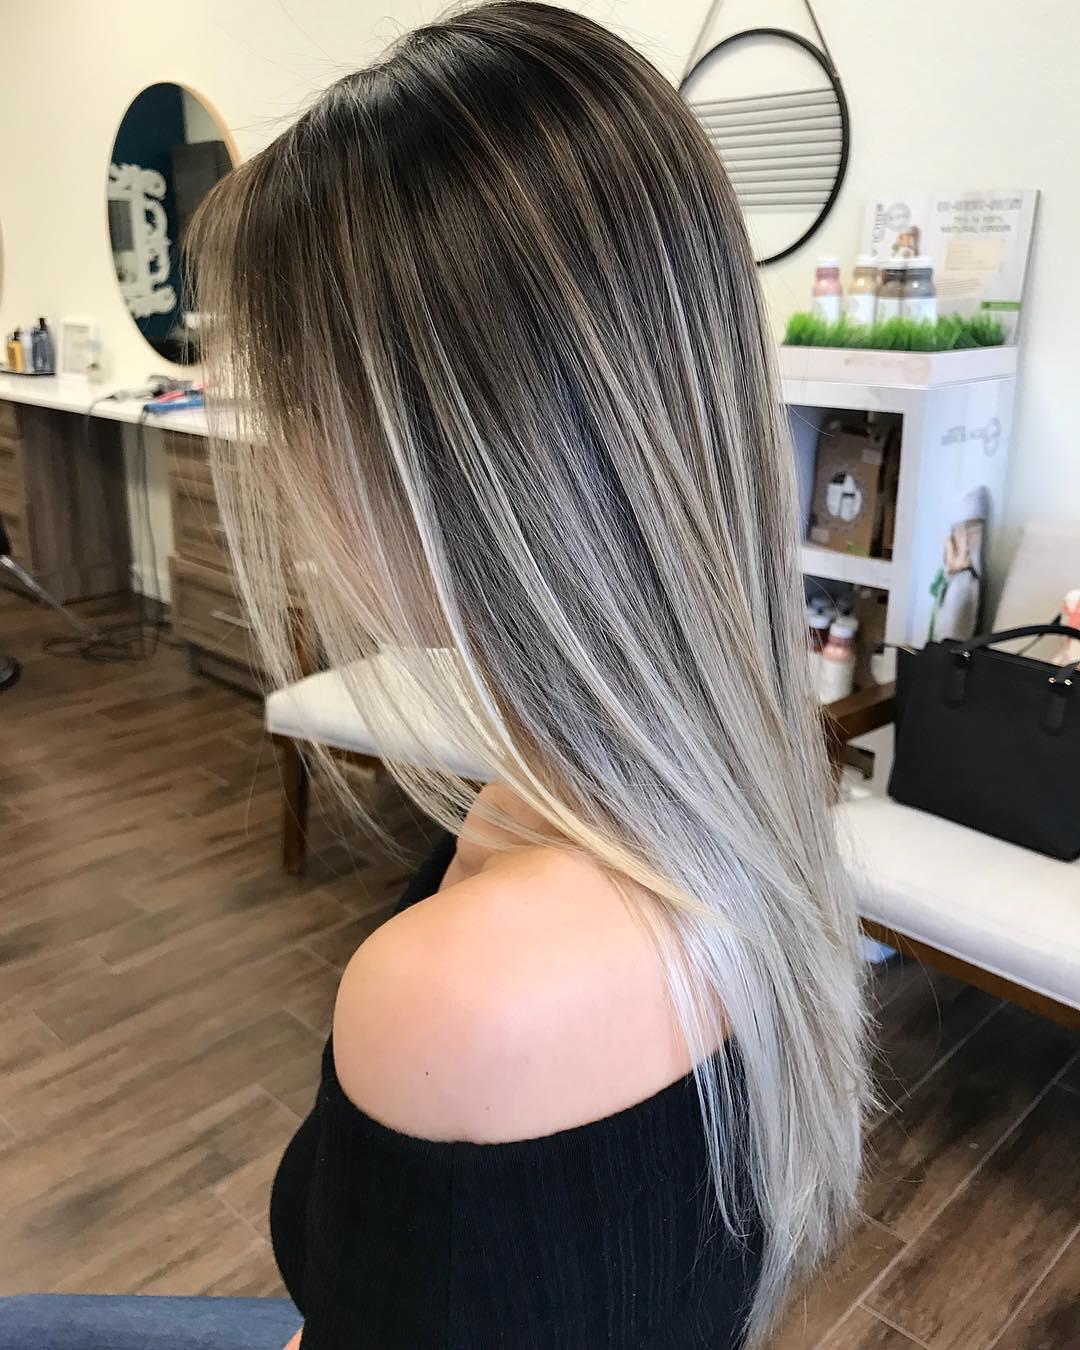 Blonde balayage on black hair